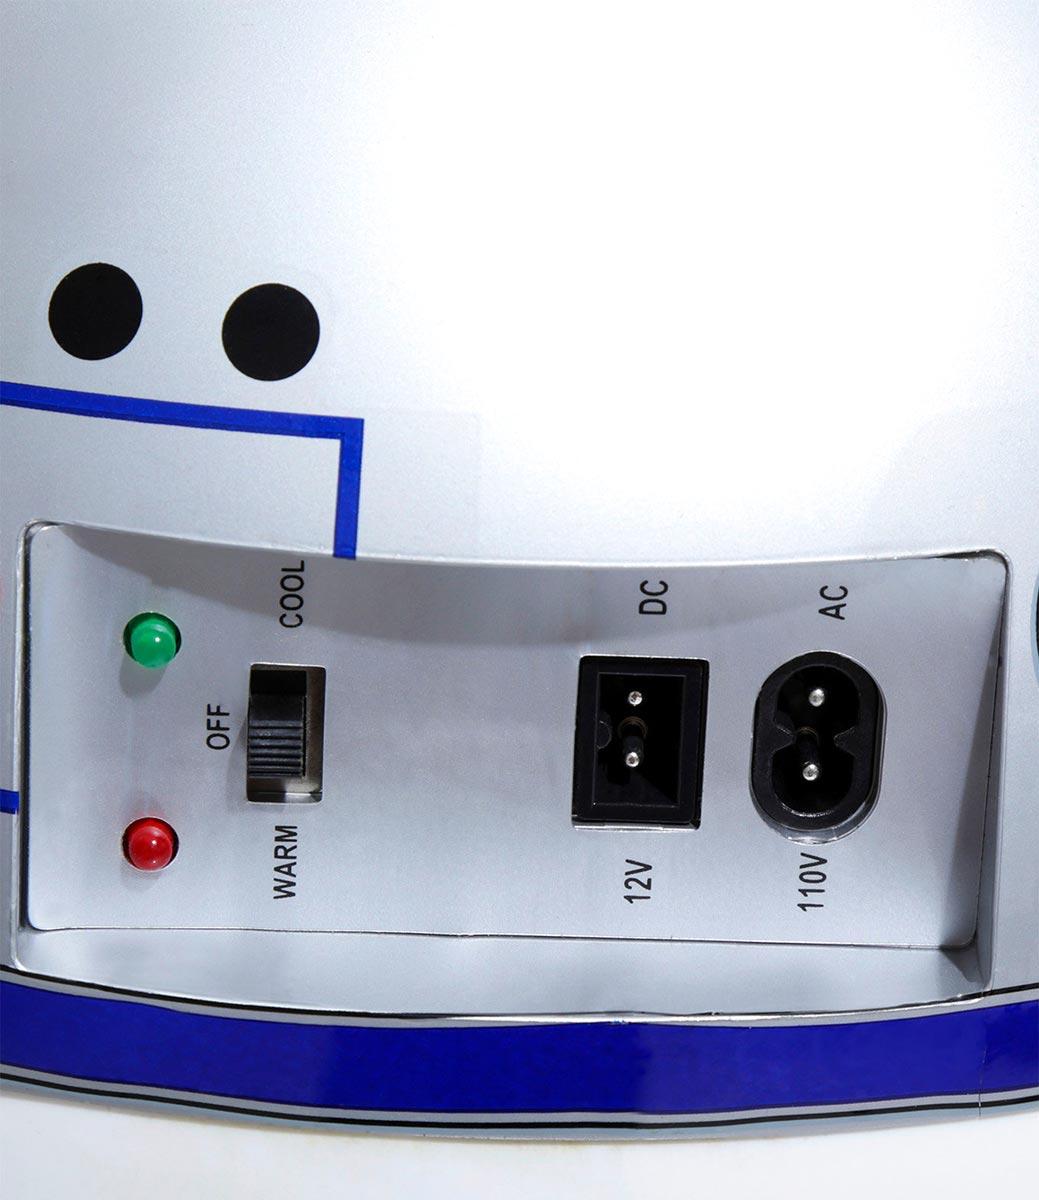 Star Wars R2 D2 Mini Fridge